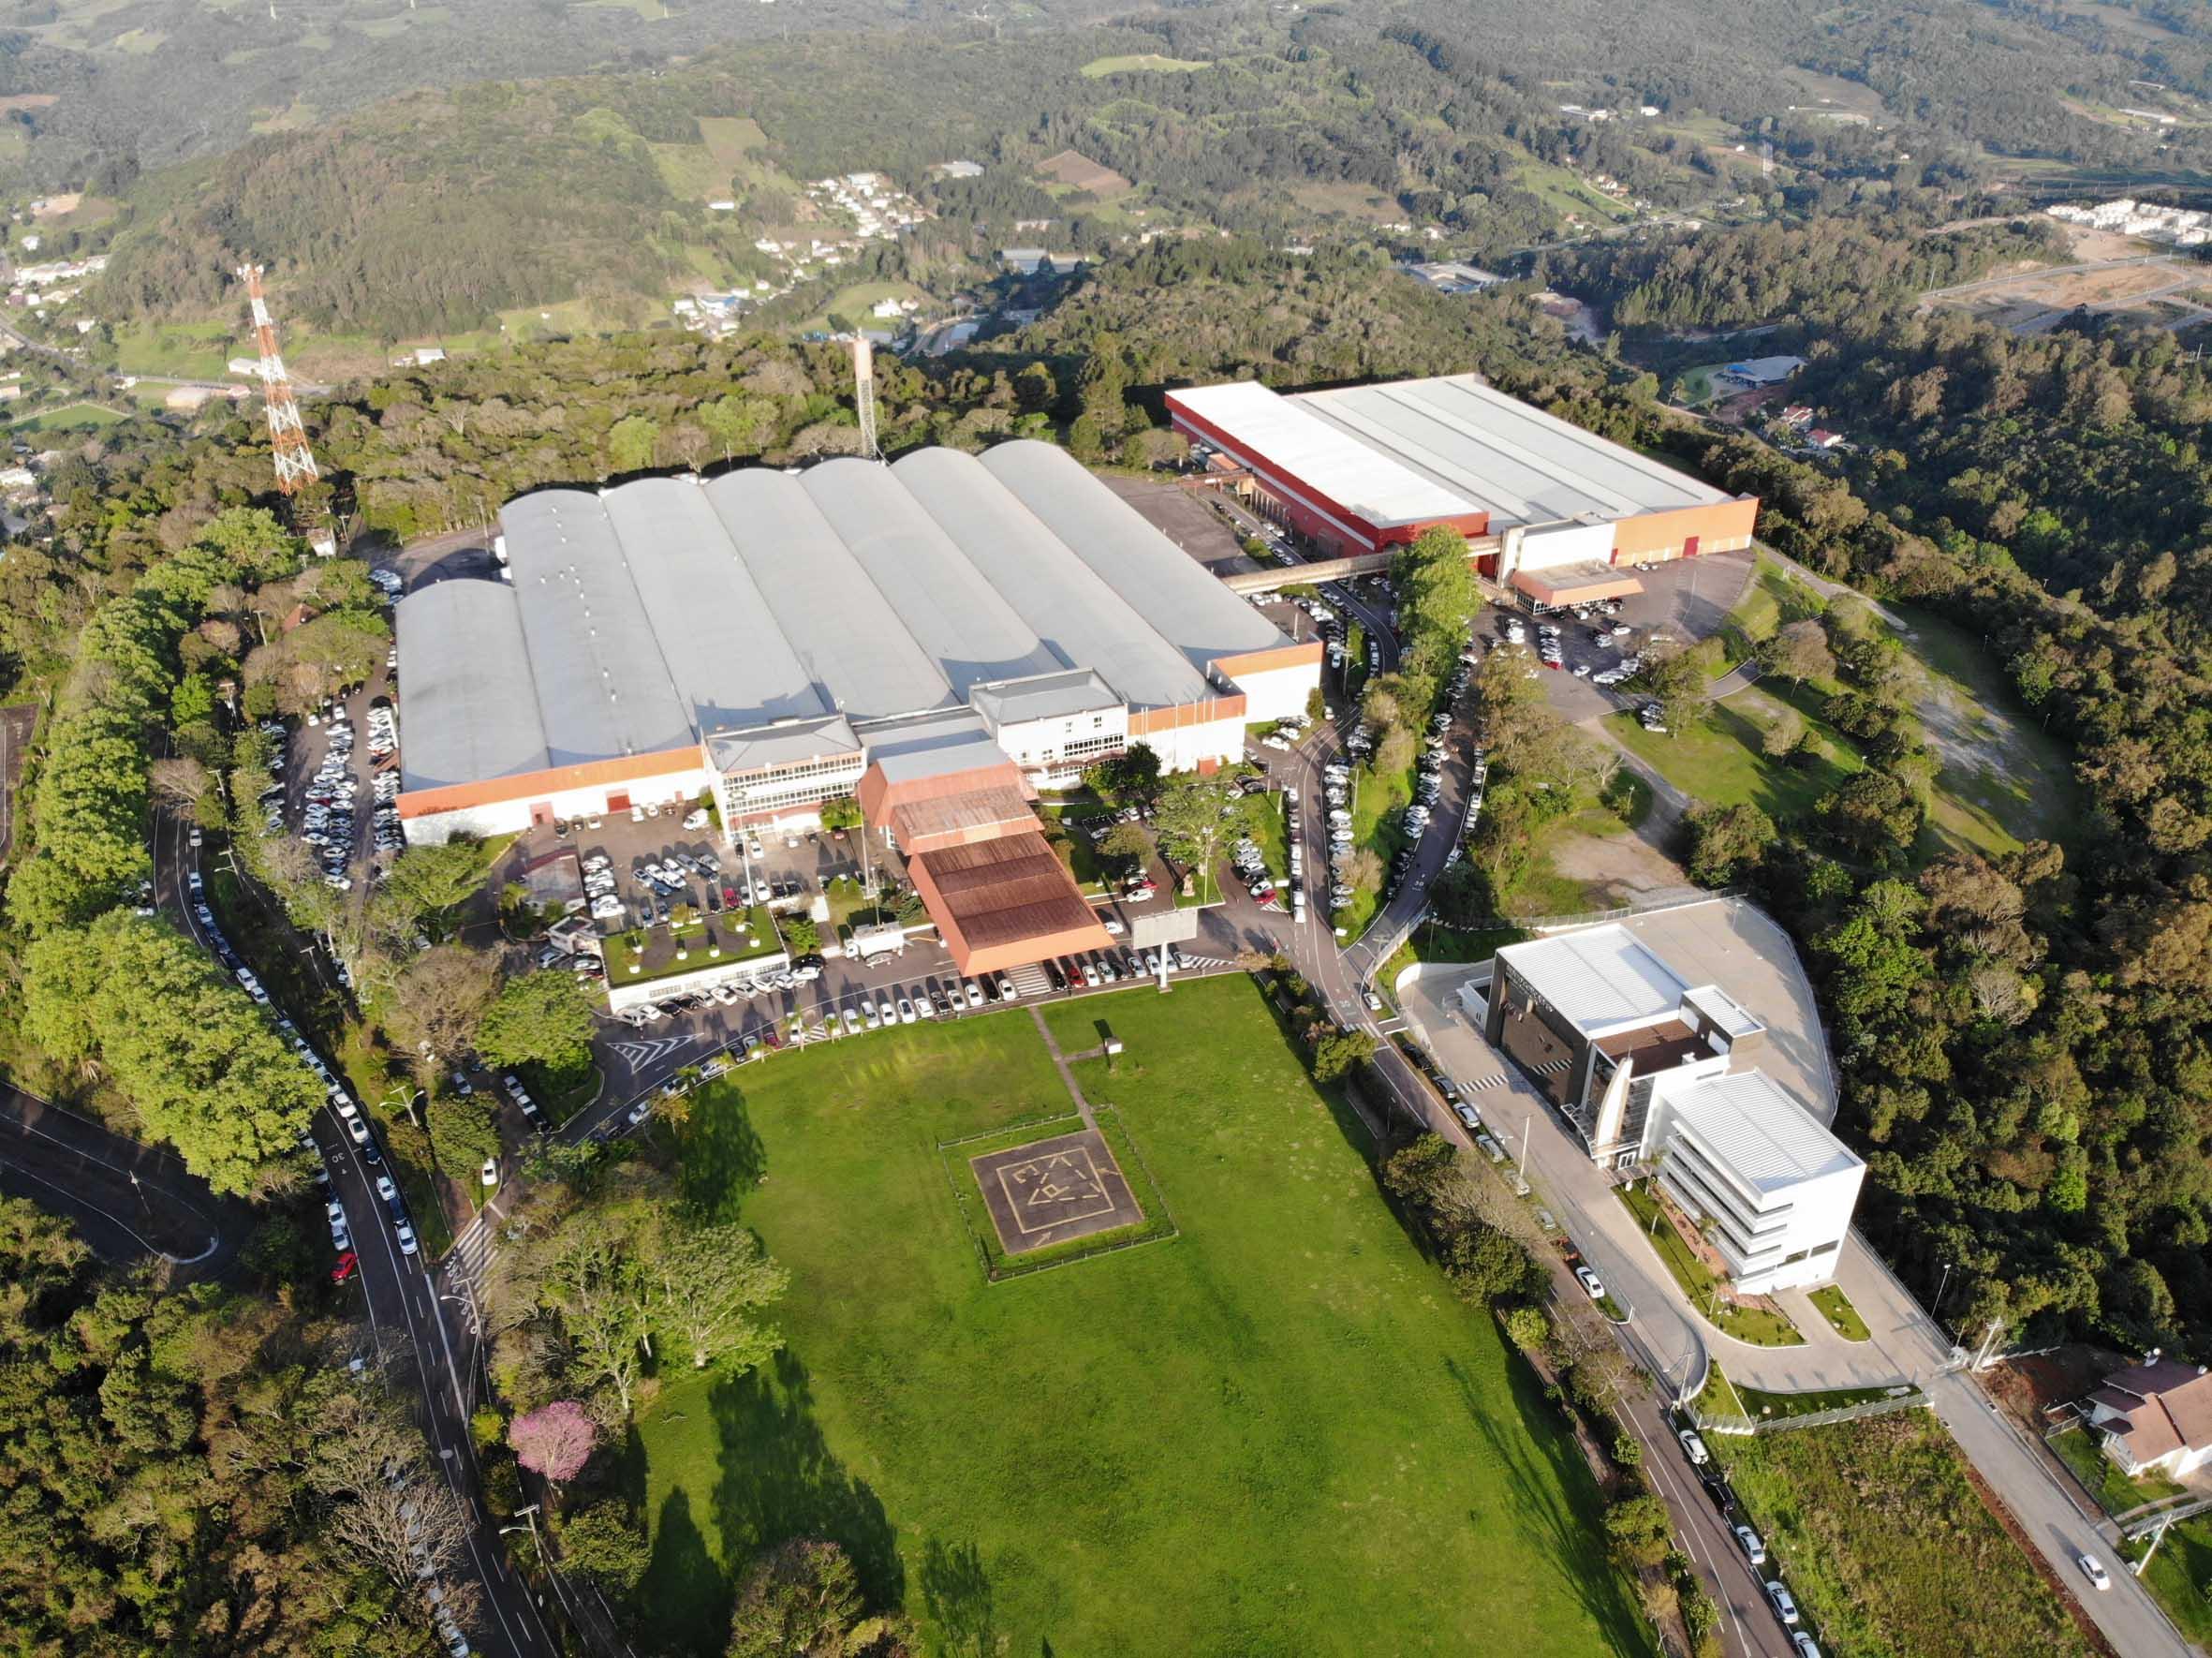 Parque de Eventos de Bento Gonçalves tem agenda recorde em 2019